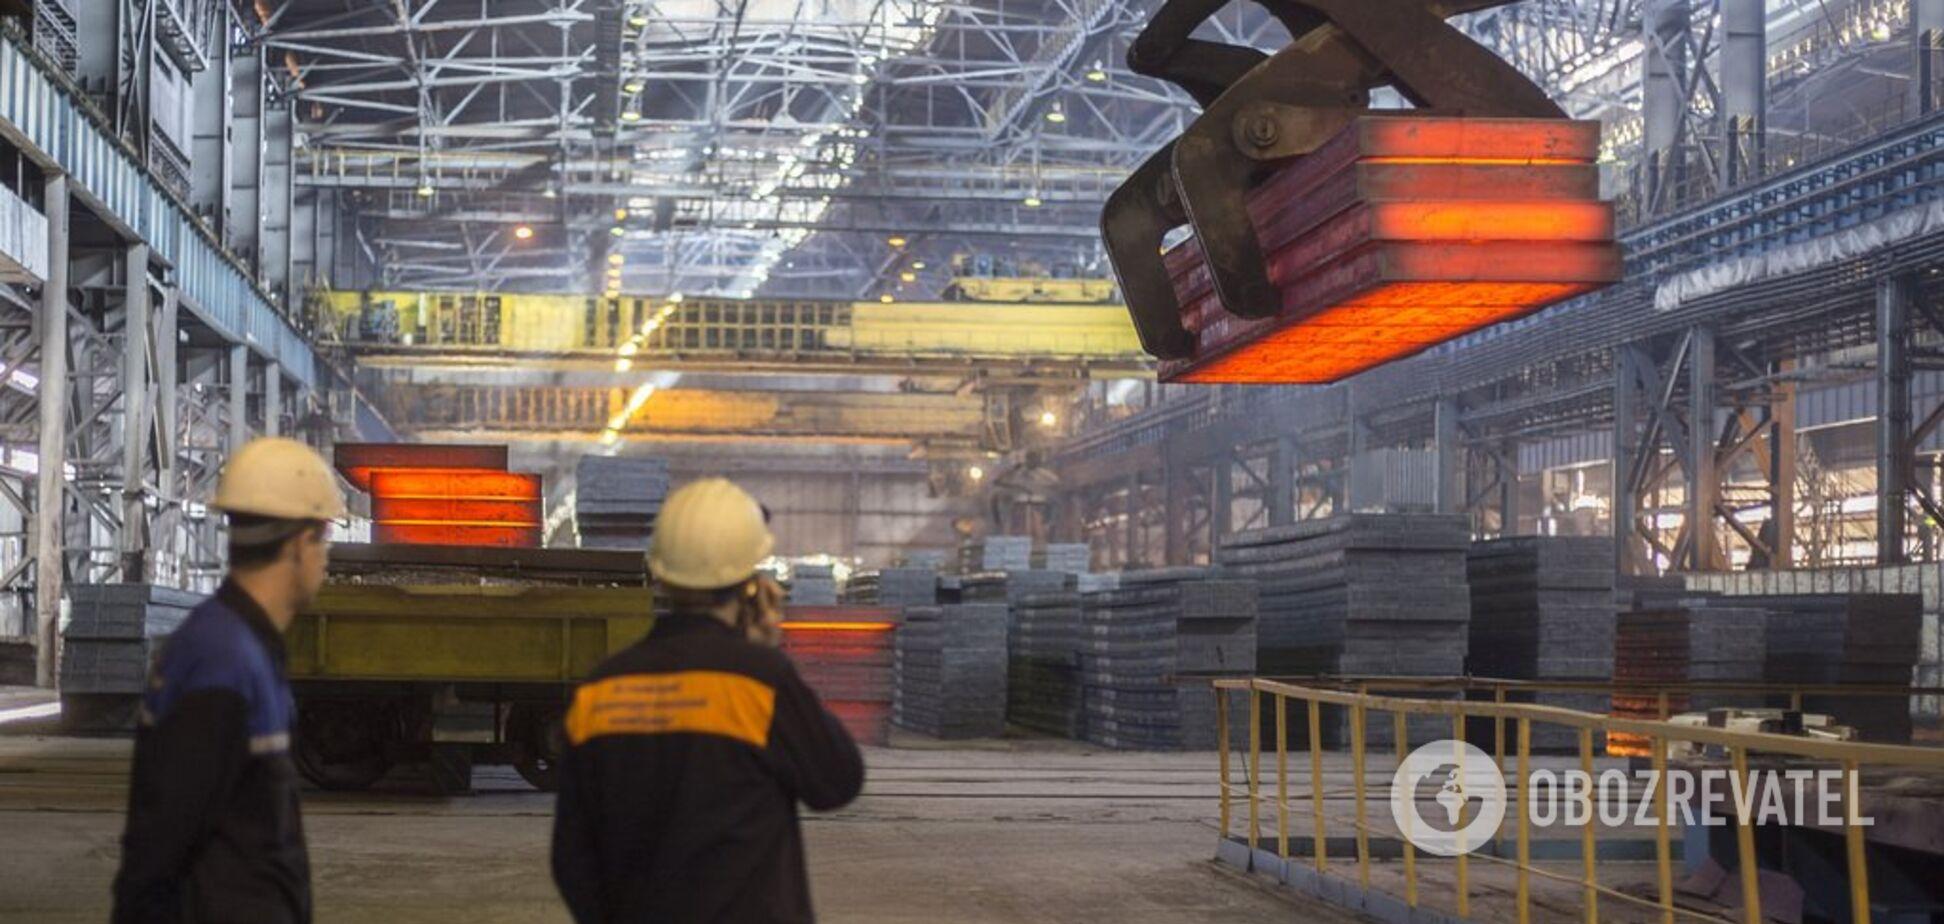 'Дискриминационный подход': металлурги Украины обратились к Зеленскому из-за нового налога